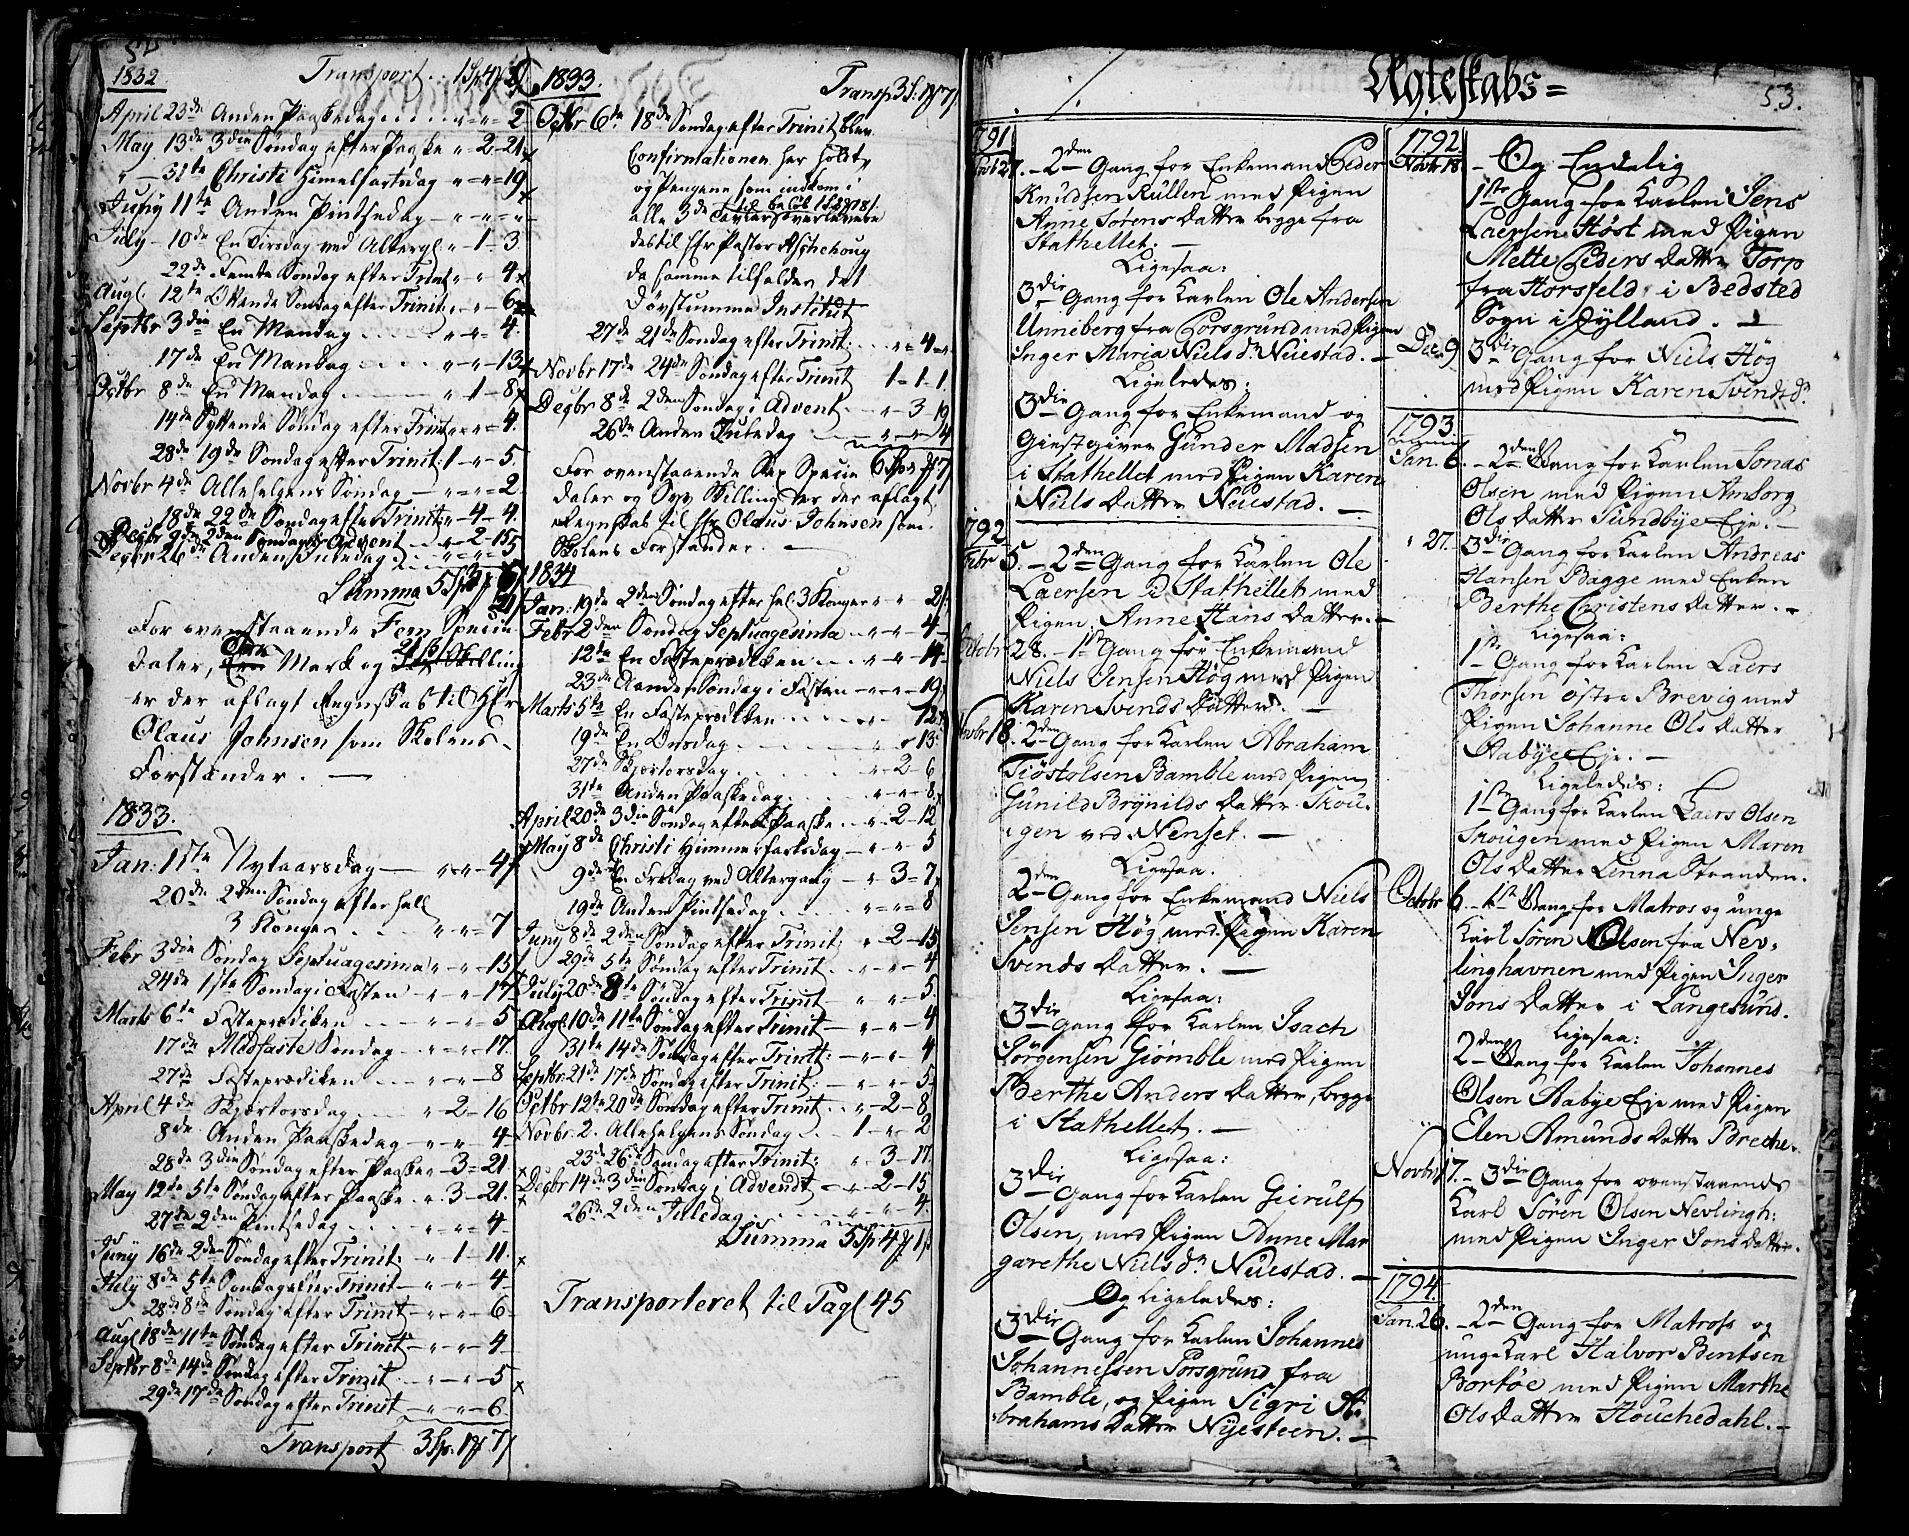 SAKO, Langesund kirkebøker, G/Ga/L0001: Klokkerbok nr. 1, 1783-1801, s. 52-53